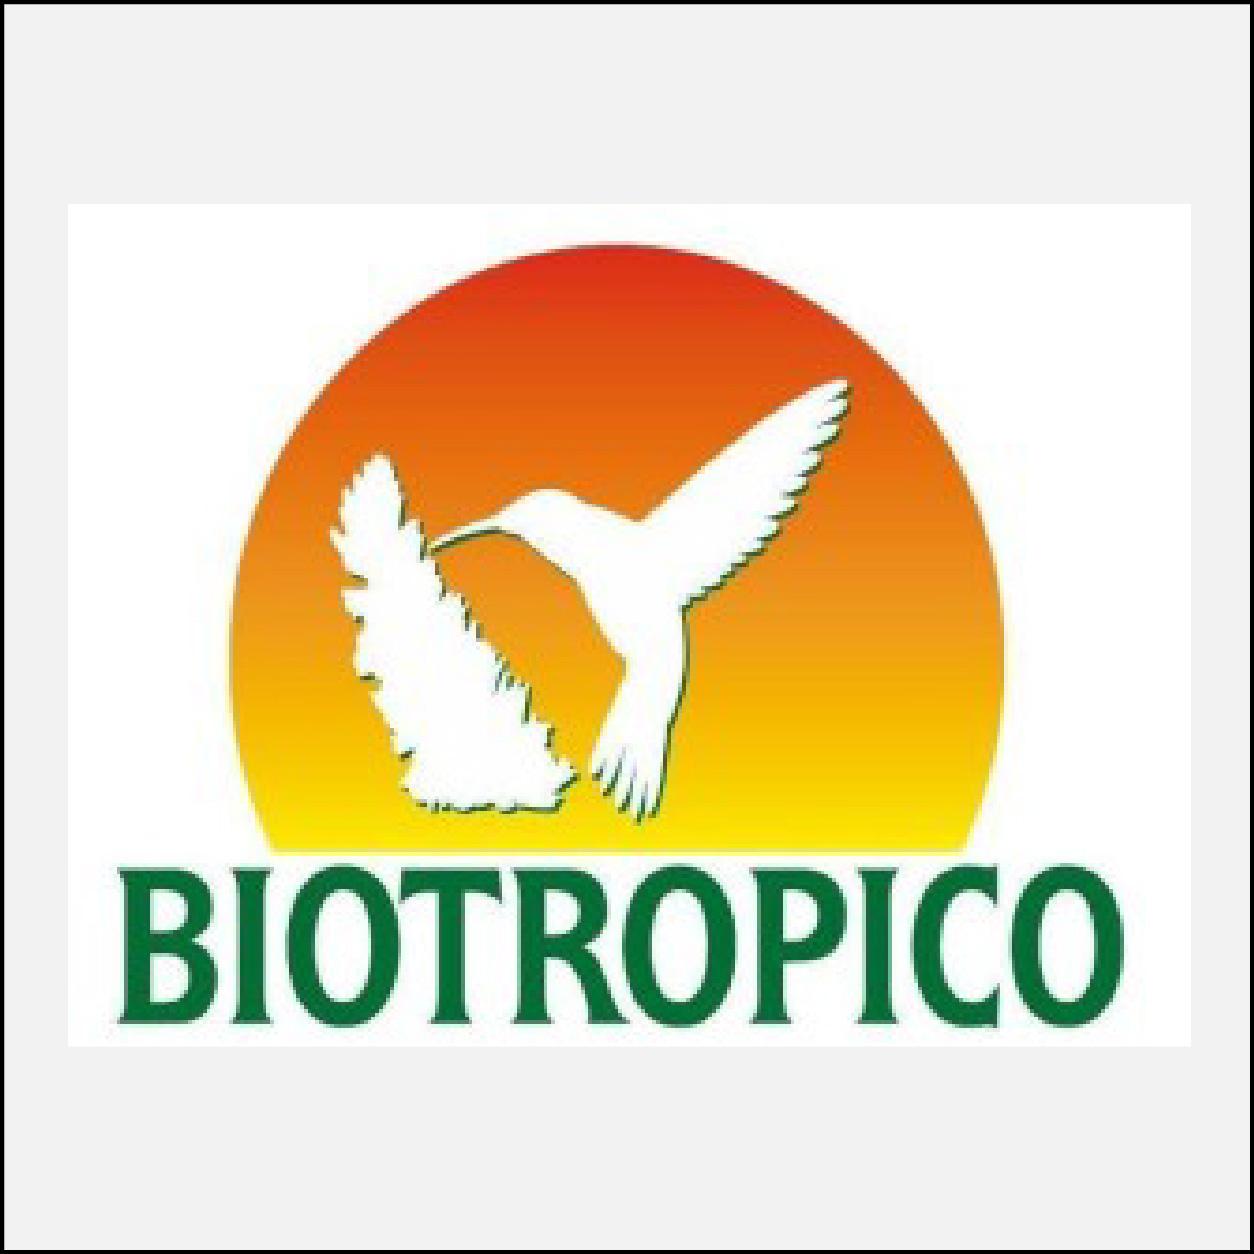 Biotropico